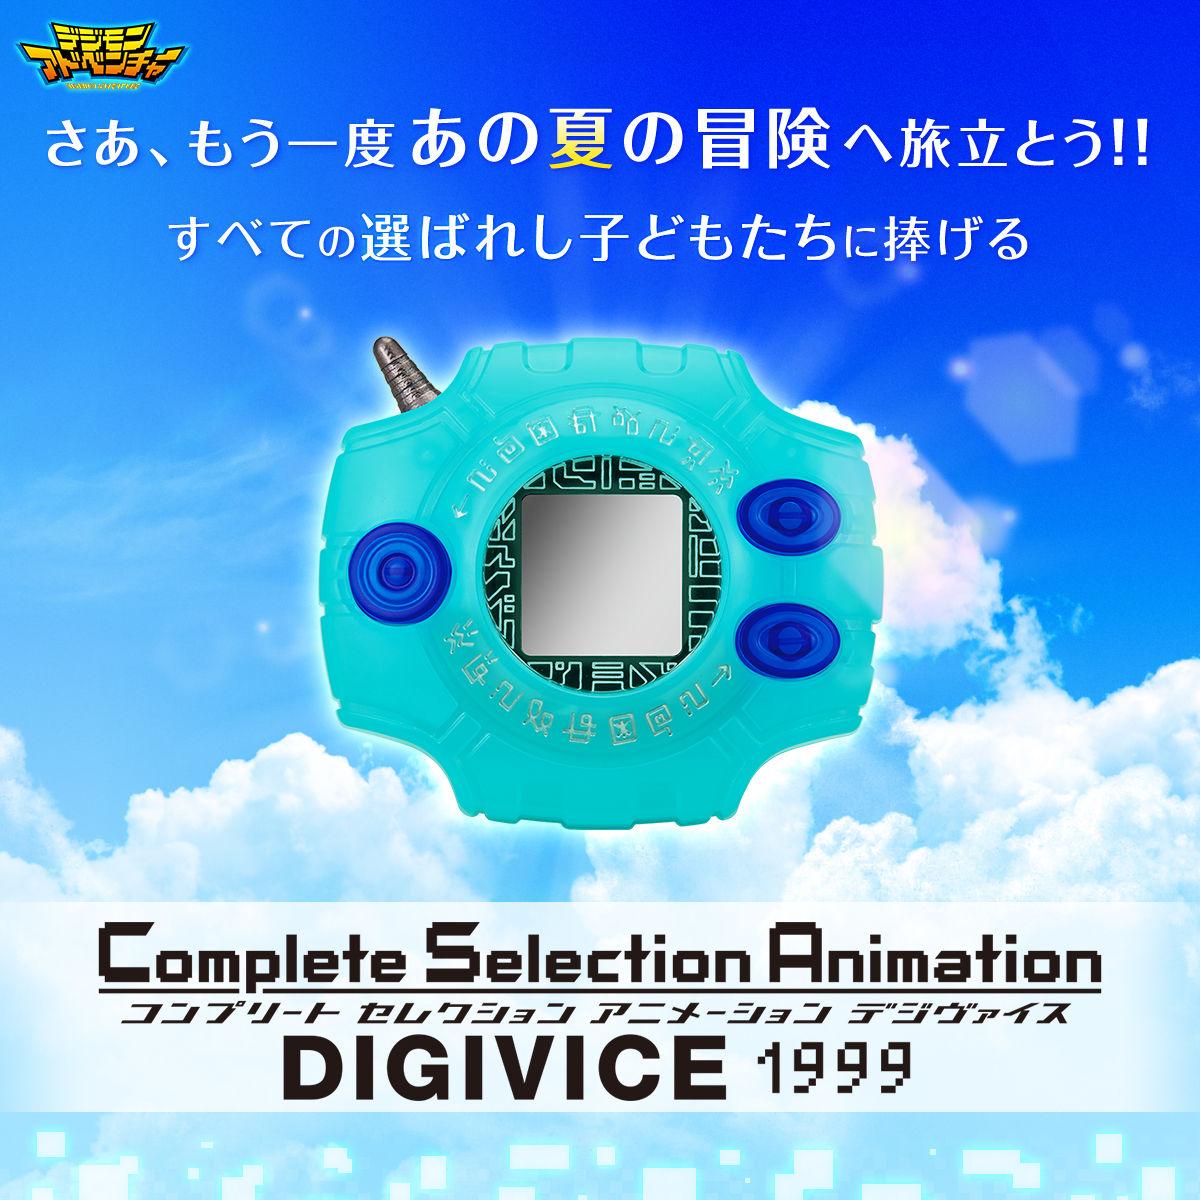 さあ、もう一度あの夏の冒険へ旅立とう!!すべての選ばれし子供たちに捧げる Complete Selection Animation DIGVICE コンプリートセレクションアニメーションデジヴァイス 1999